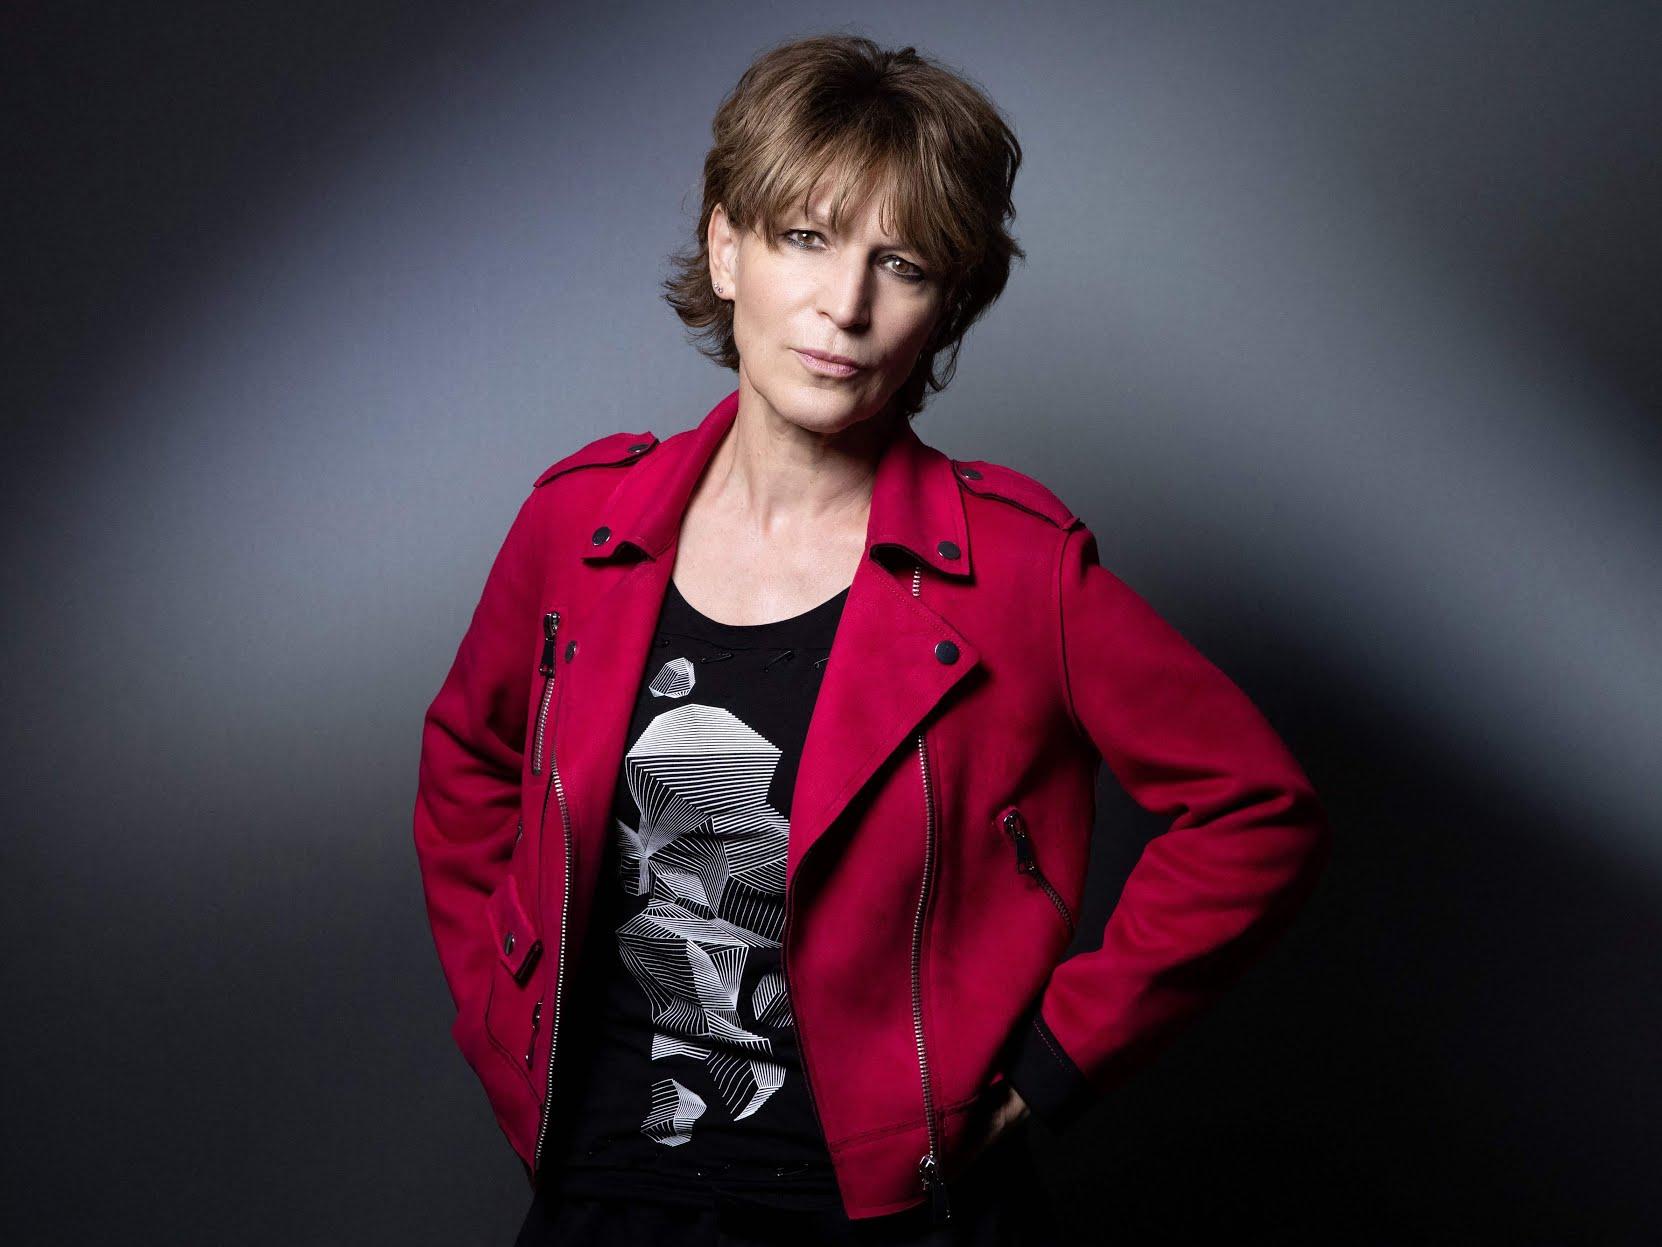 Agnès Callamard, die neue internationale Generalsekretärin von Amnesty International, erläuterte den Jahresbericht der Organisation